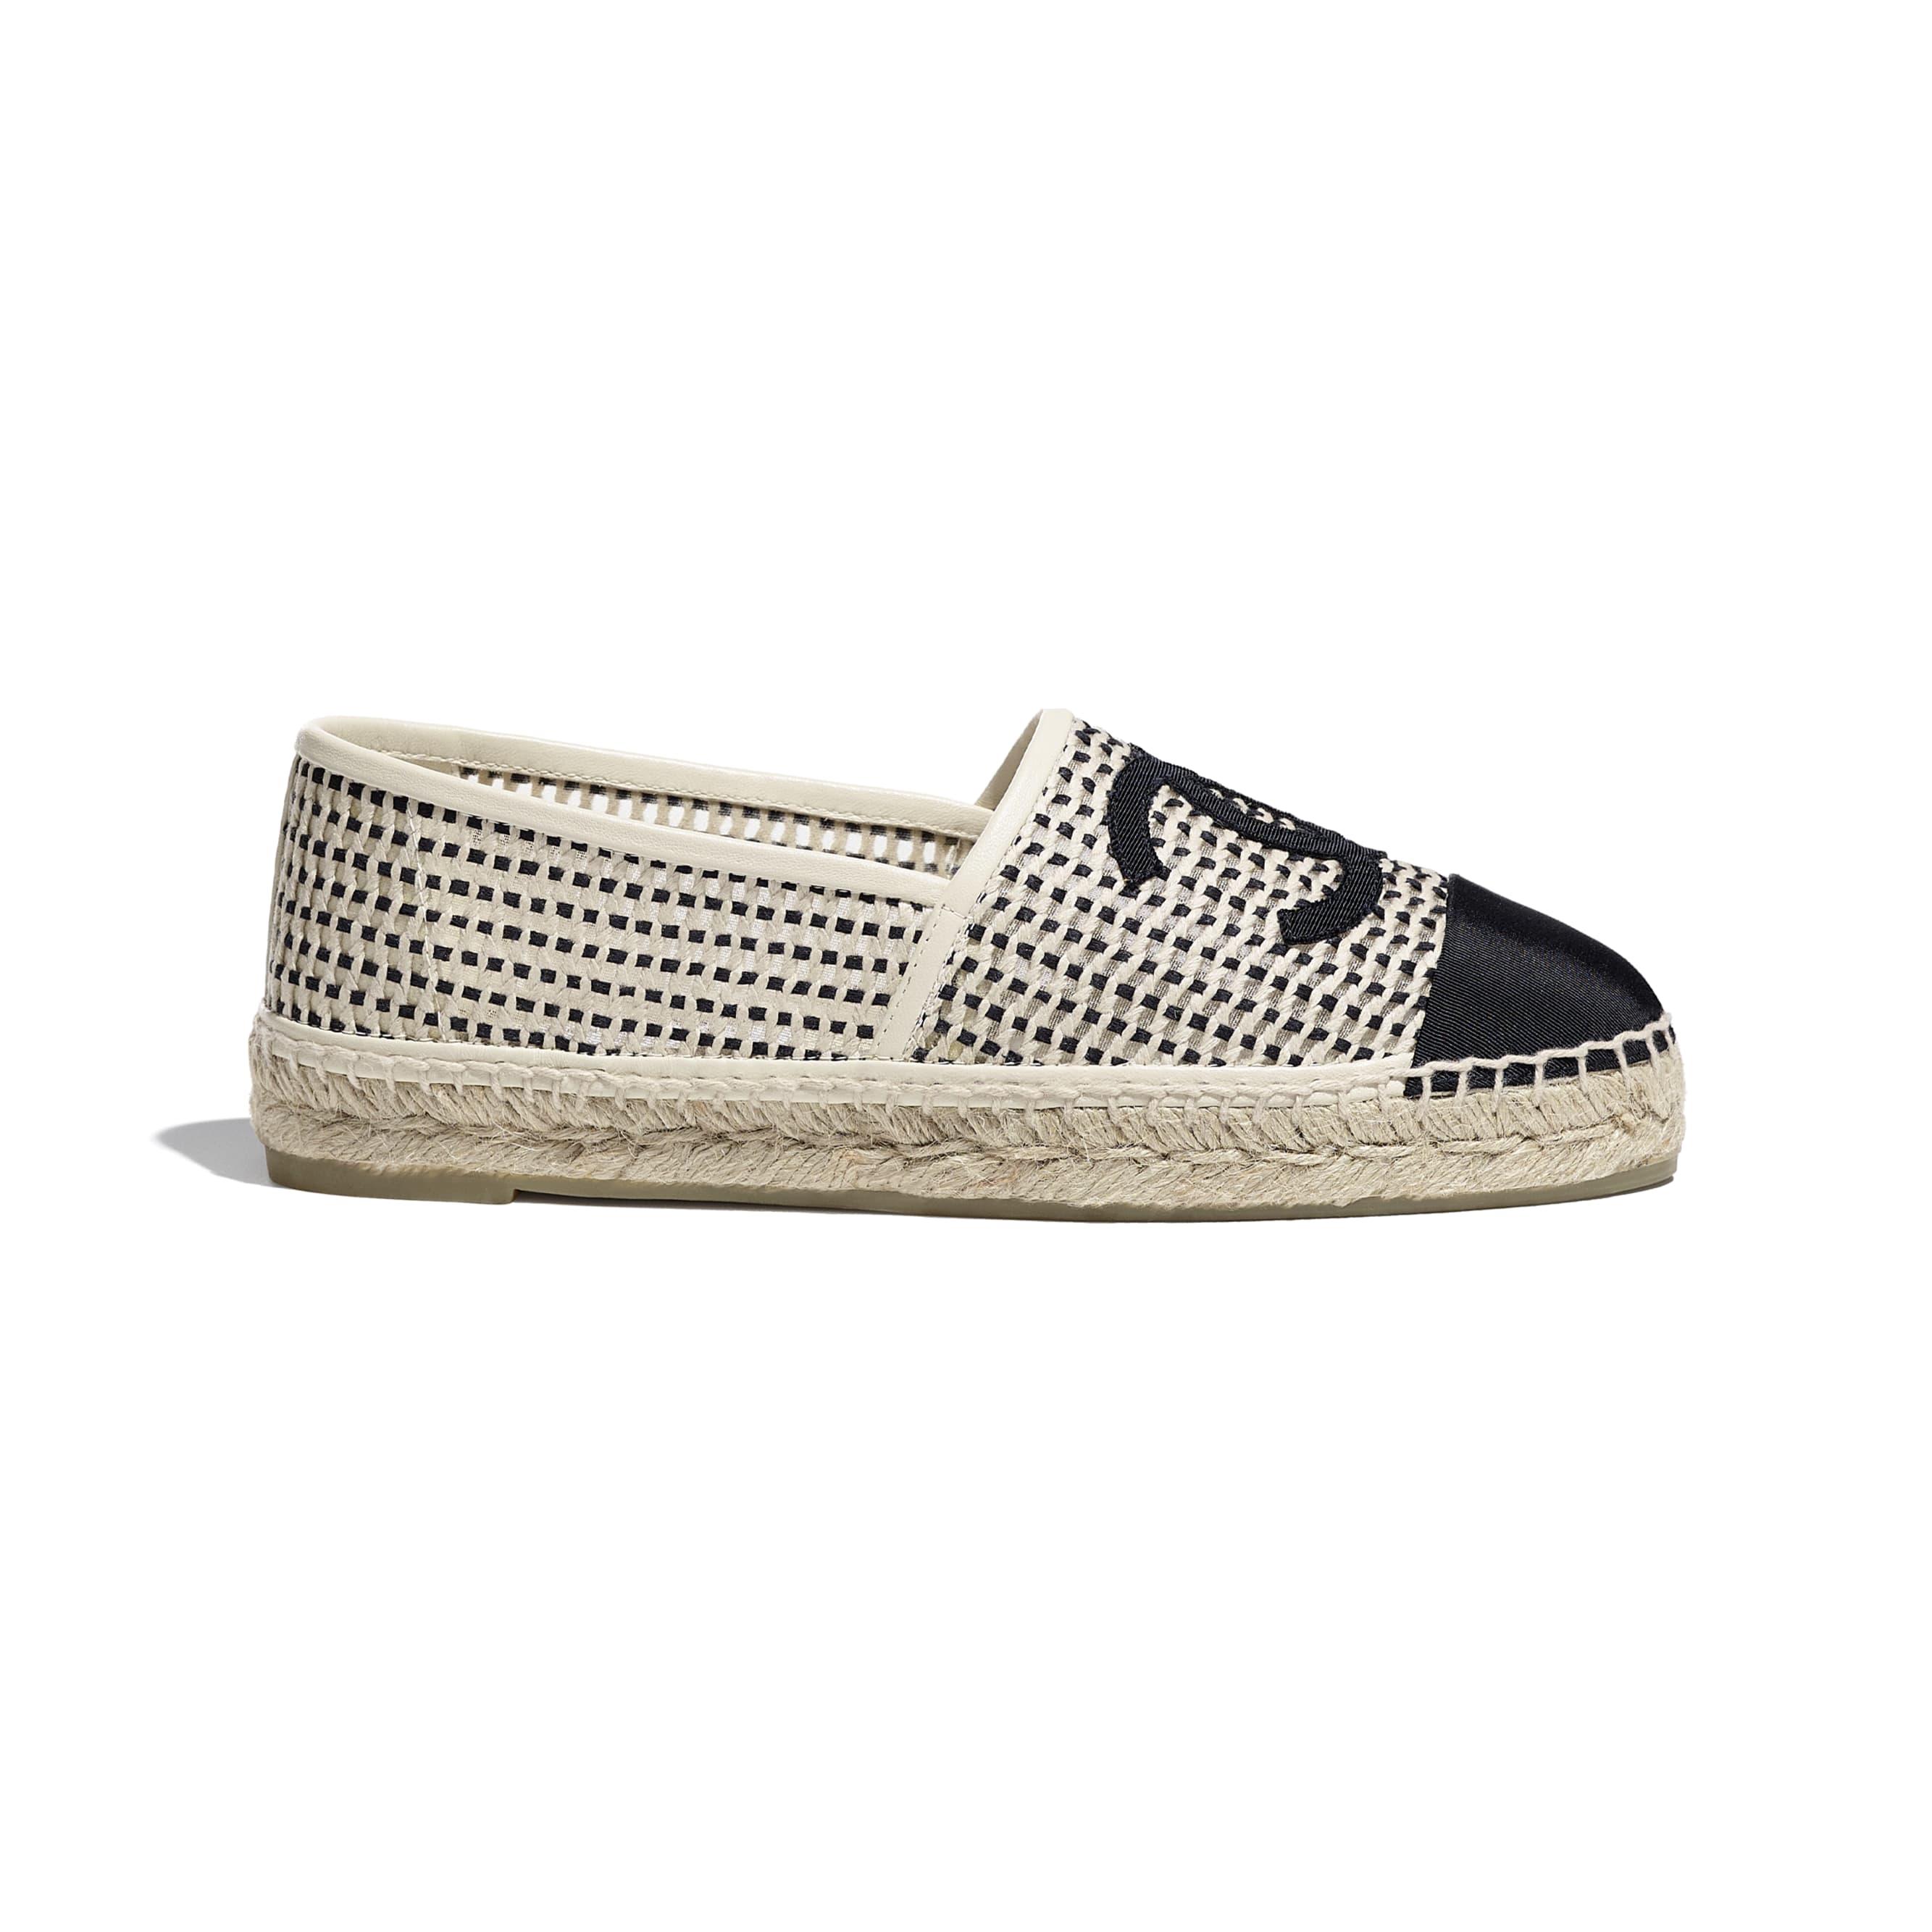 รองเท้าเอสพาดริลล์ - สีเบจและสีดำ - ผ้าตาข่ายและผ้าโกรเกรน - CHANEL - มุมมองปัจจุบัน - ดูเวอร์ชันขนาดมาตรฐาน